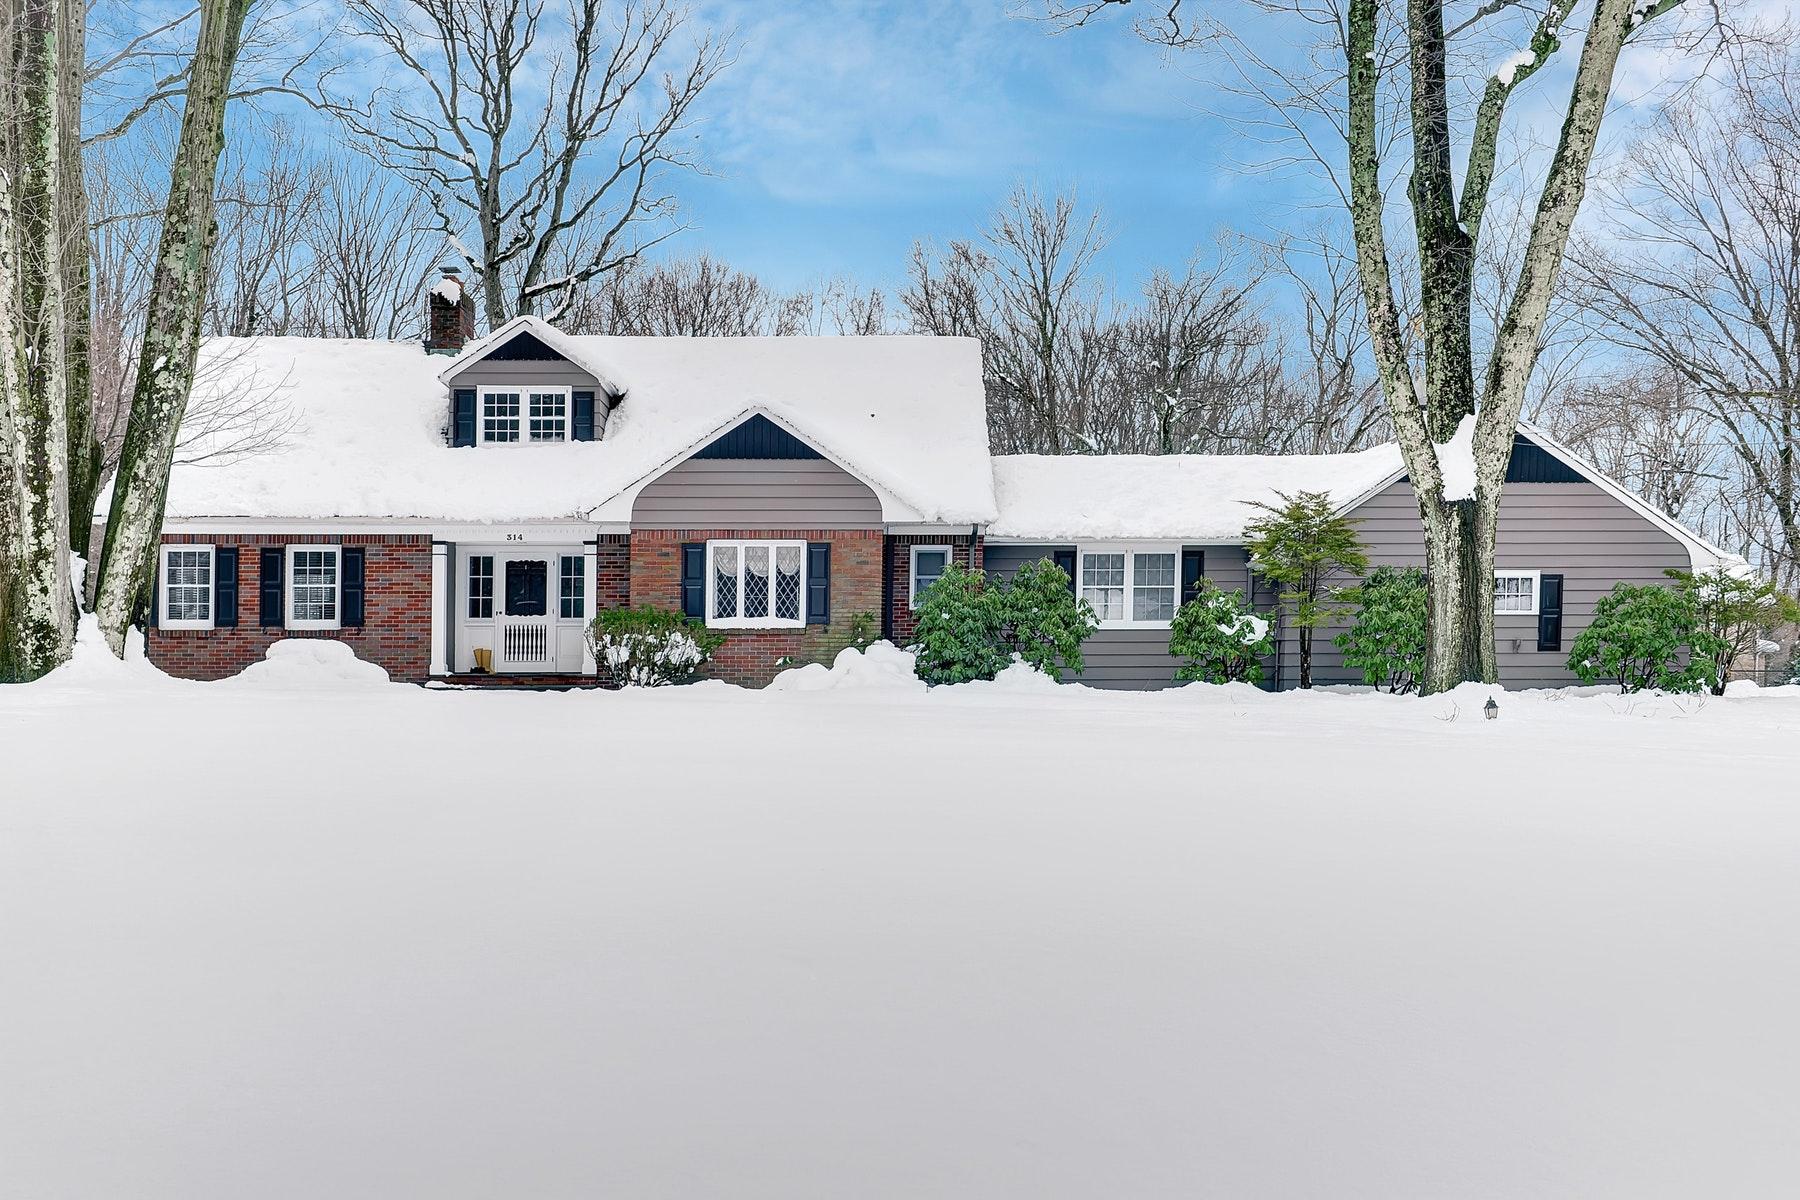 Maison unifamiliale pour l à louer à Charming Cape 314 George Street, Franklin Lakes, New Jersey 07417 États-Unis